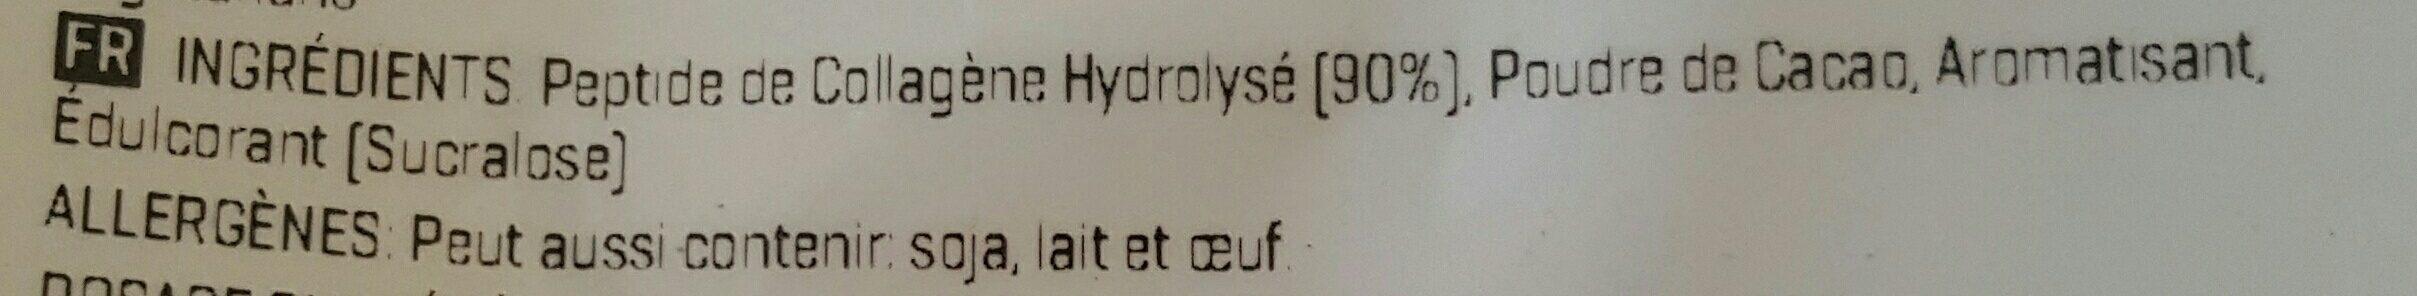 Peptide de Collagène Hydrolysé - Ingrediënten - fr